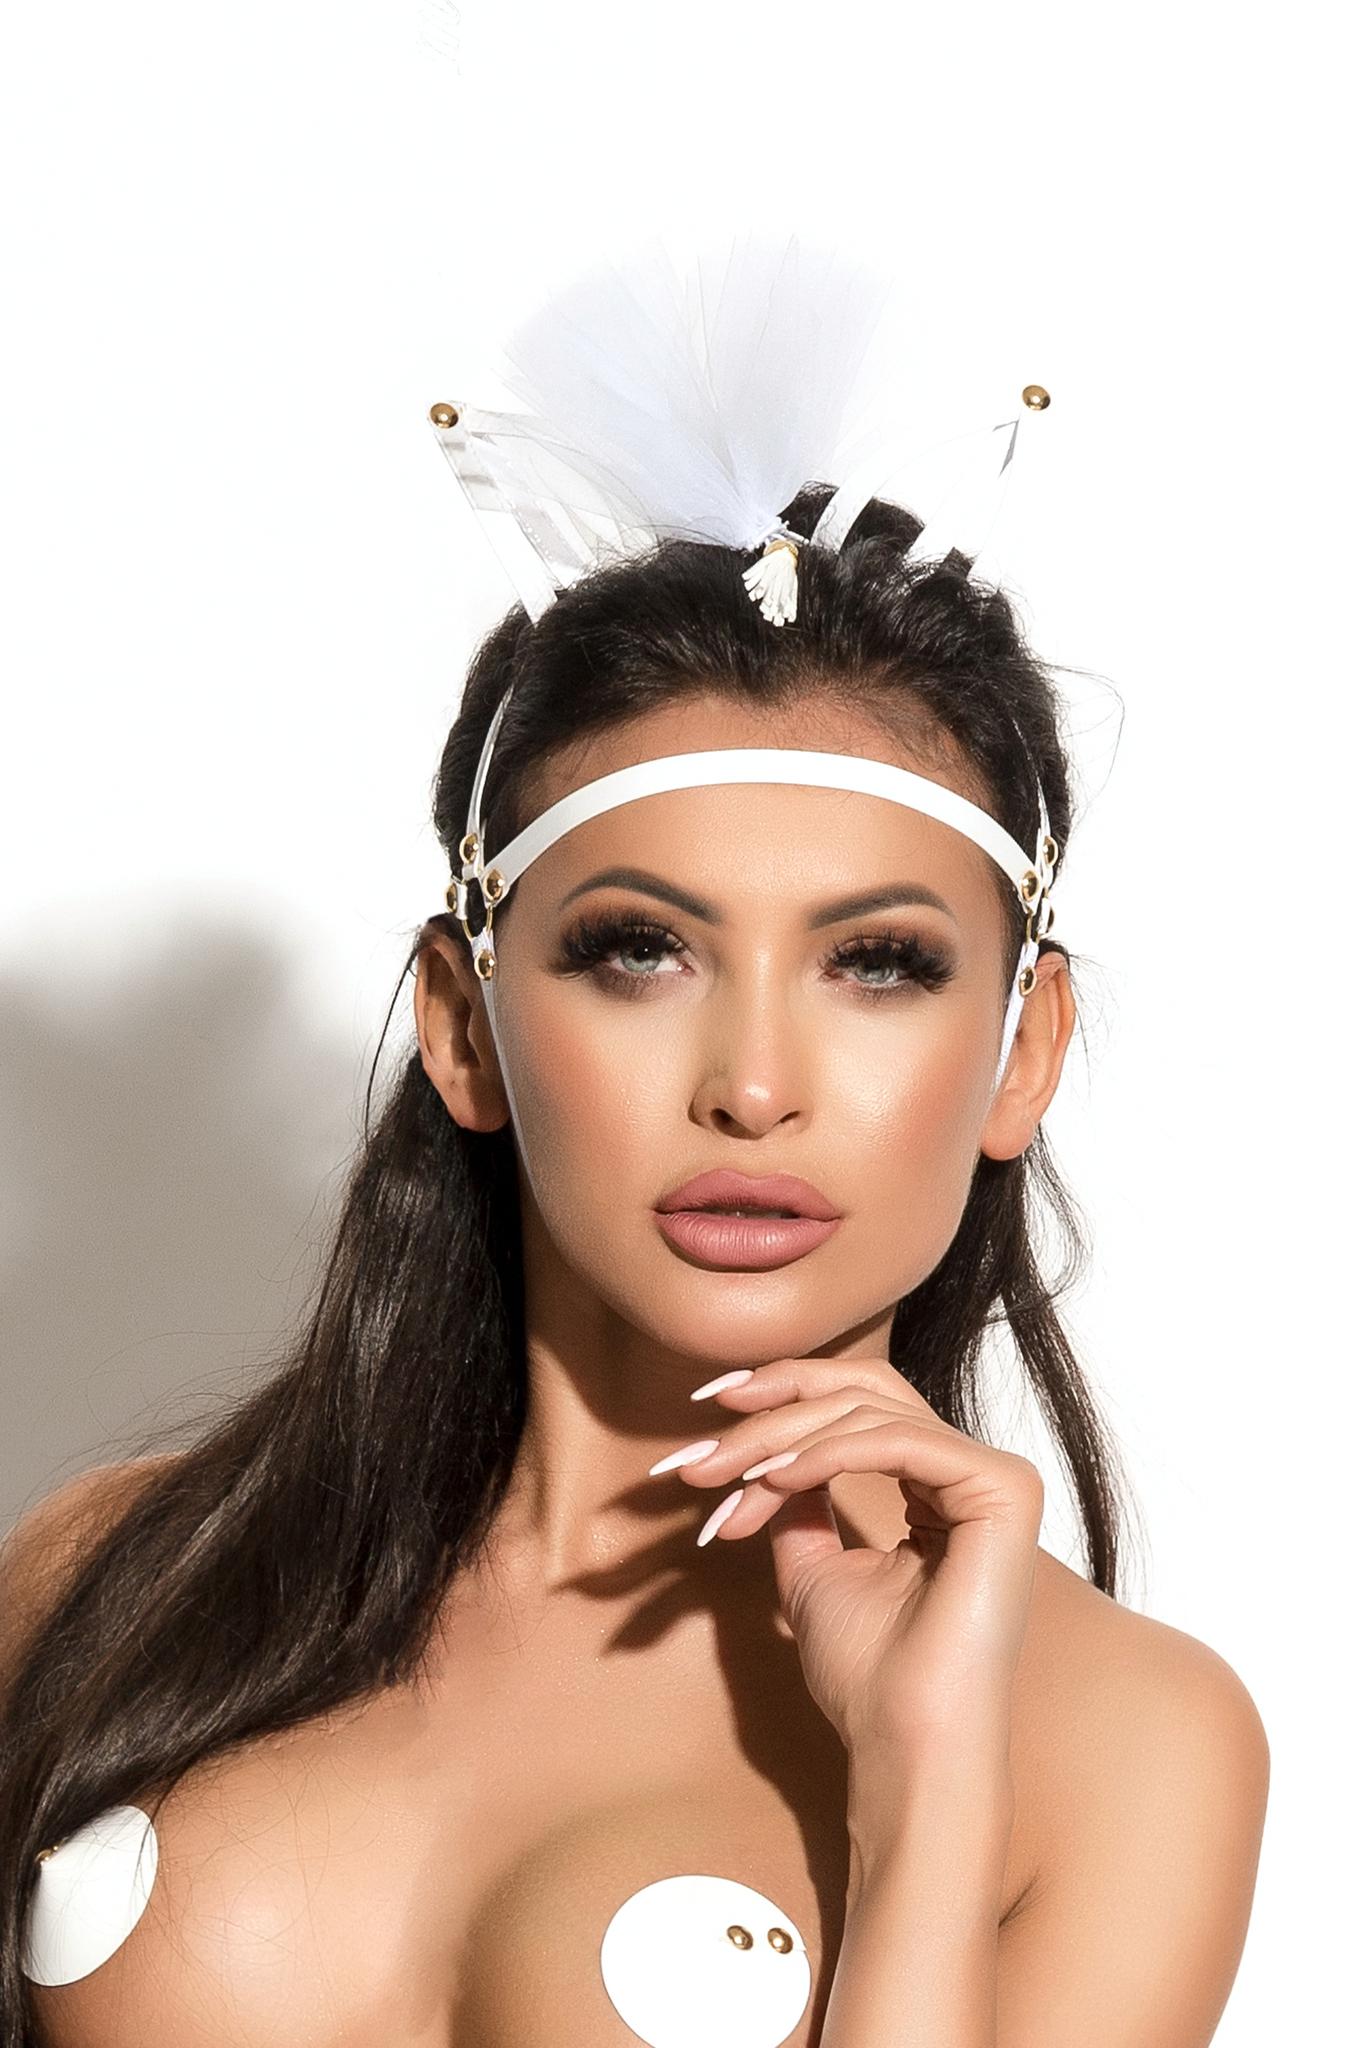 Маска с ушками Me Seduce Queen of hearts Allure, белая, OS фото